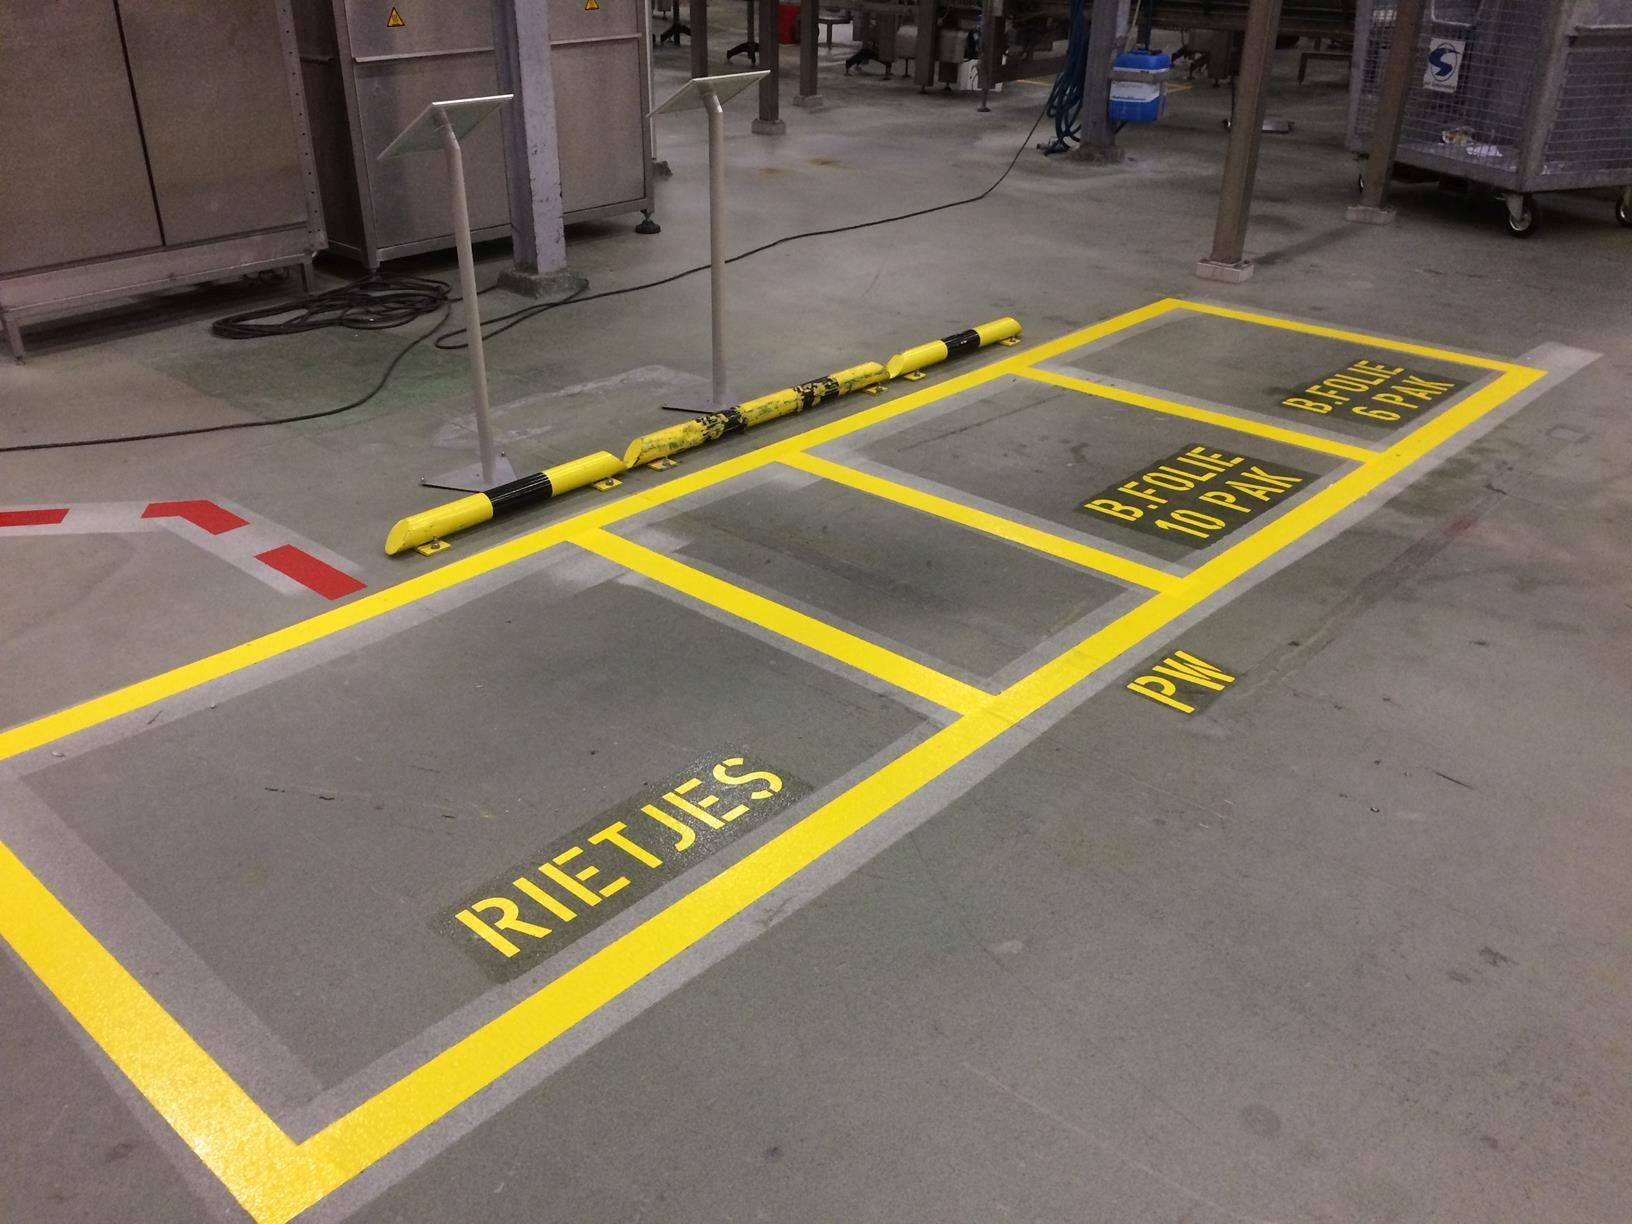 Werkplaats belijning geel 5S